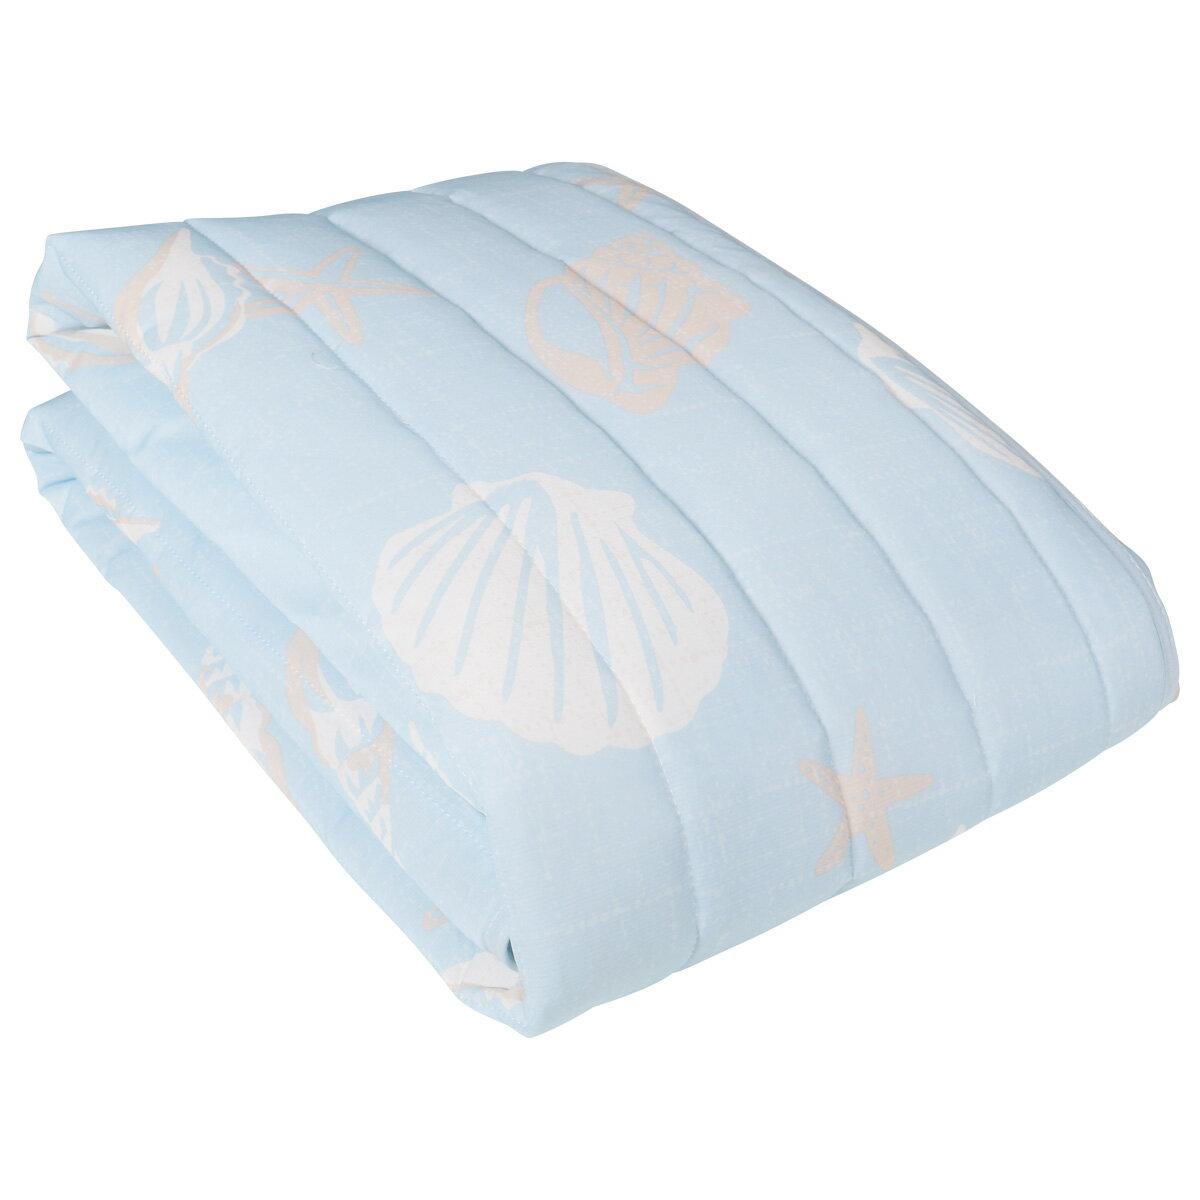 接触冷感 敷きパッド マリン柄 シングル 洗濯出来る 100x205cm ブルー / 敷パッド ベットパット 敷きパット マリン 青 海 おしゃれ かわいい 使いやすい ひんやり お昼寝 夏 夏物 快眠 激安 送料無料